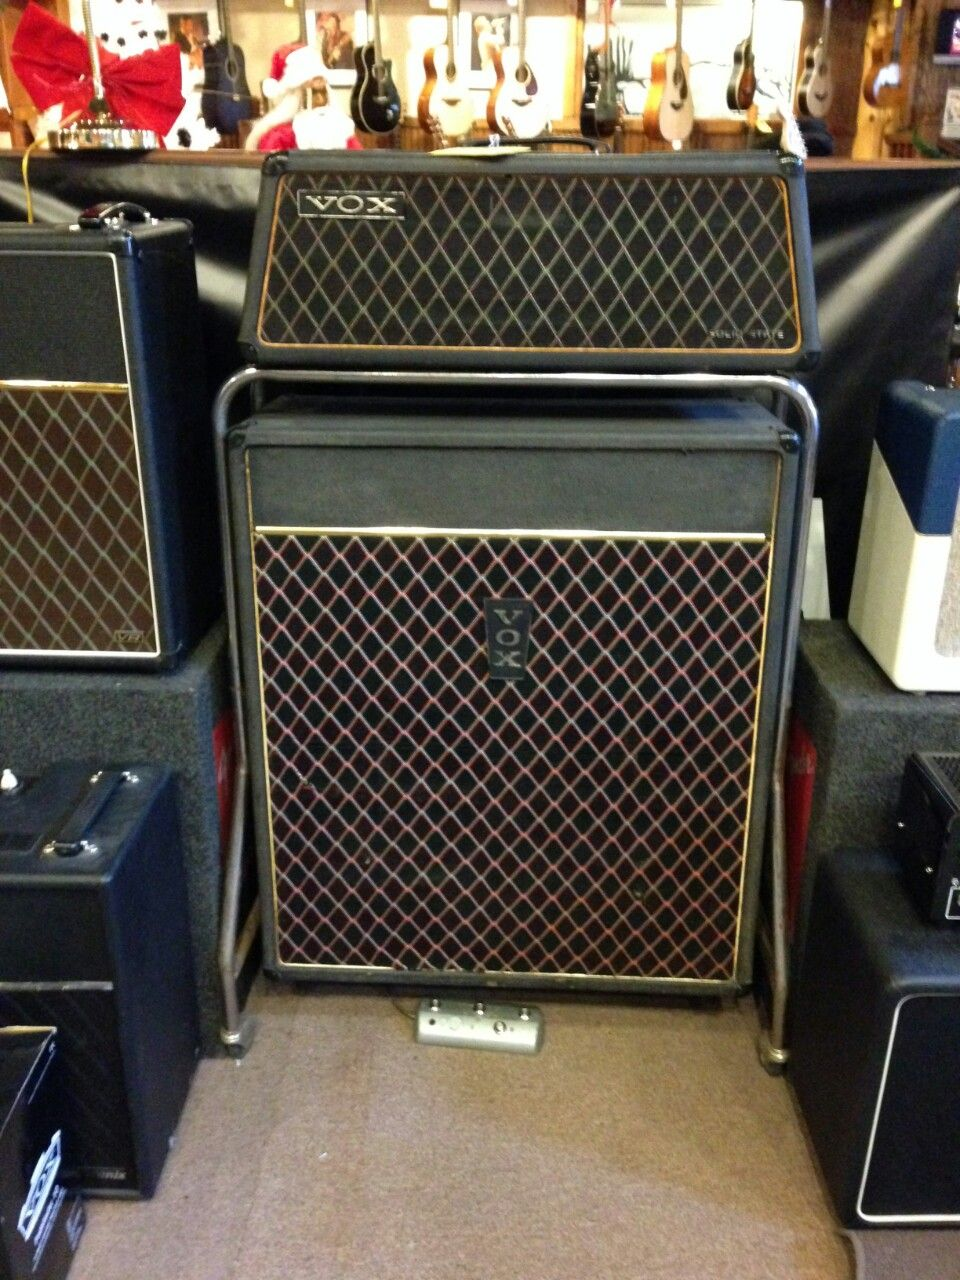 vox beatle amp amplify it guitares vintage guitare vintage. Black Bedroom Furniture Sets. Home Design Ideas